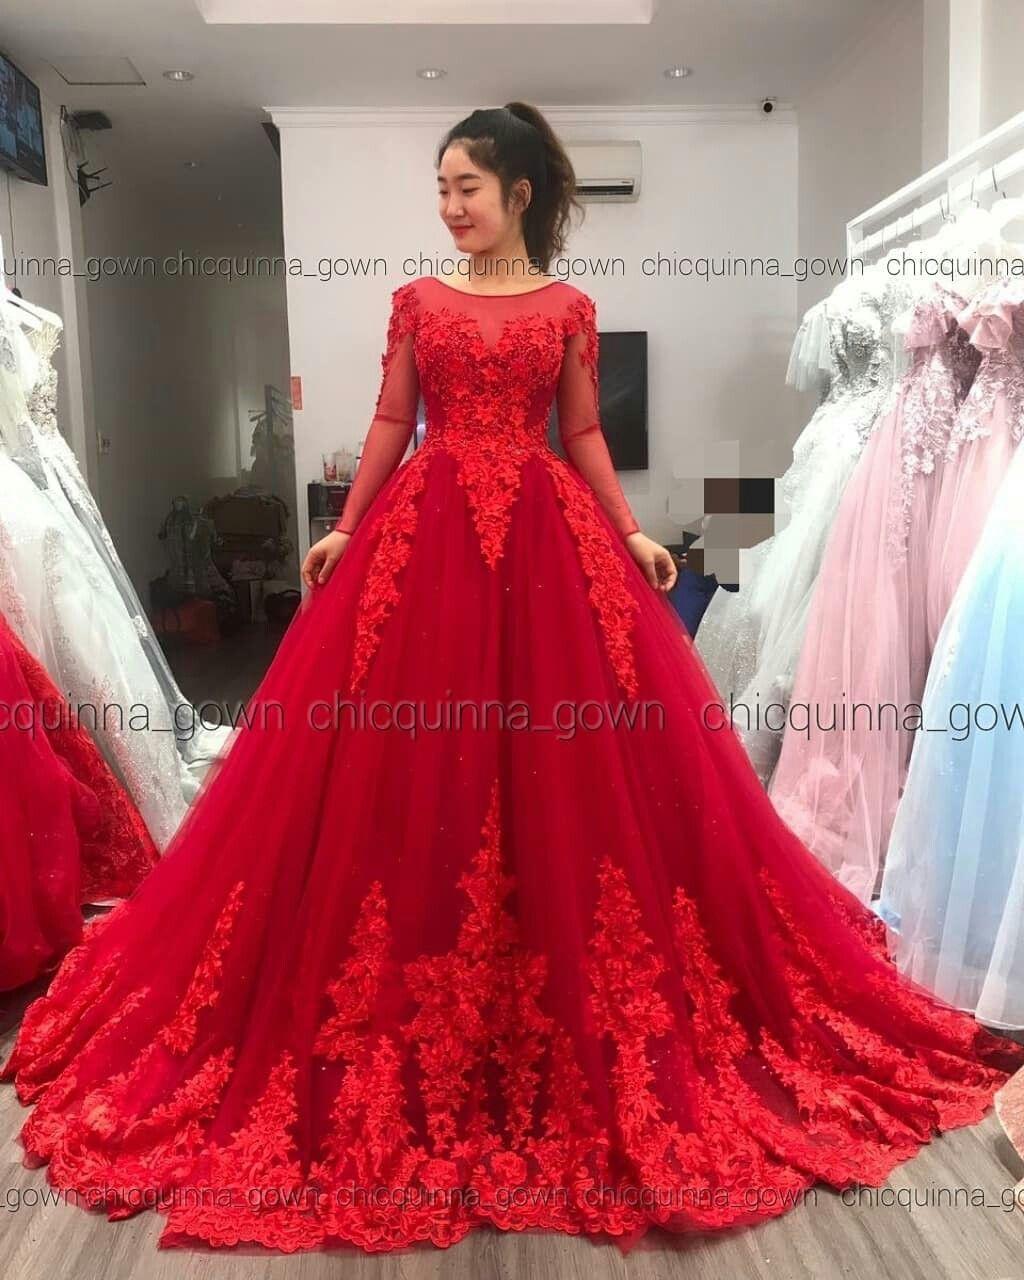 Gaun Pengantin Warna Merah Red Colour Wedding Dress Dresses Colored Wedding Dresses Gowns [ 1280 x 1024 Pixel ]